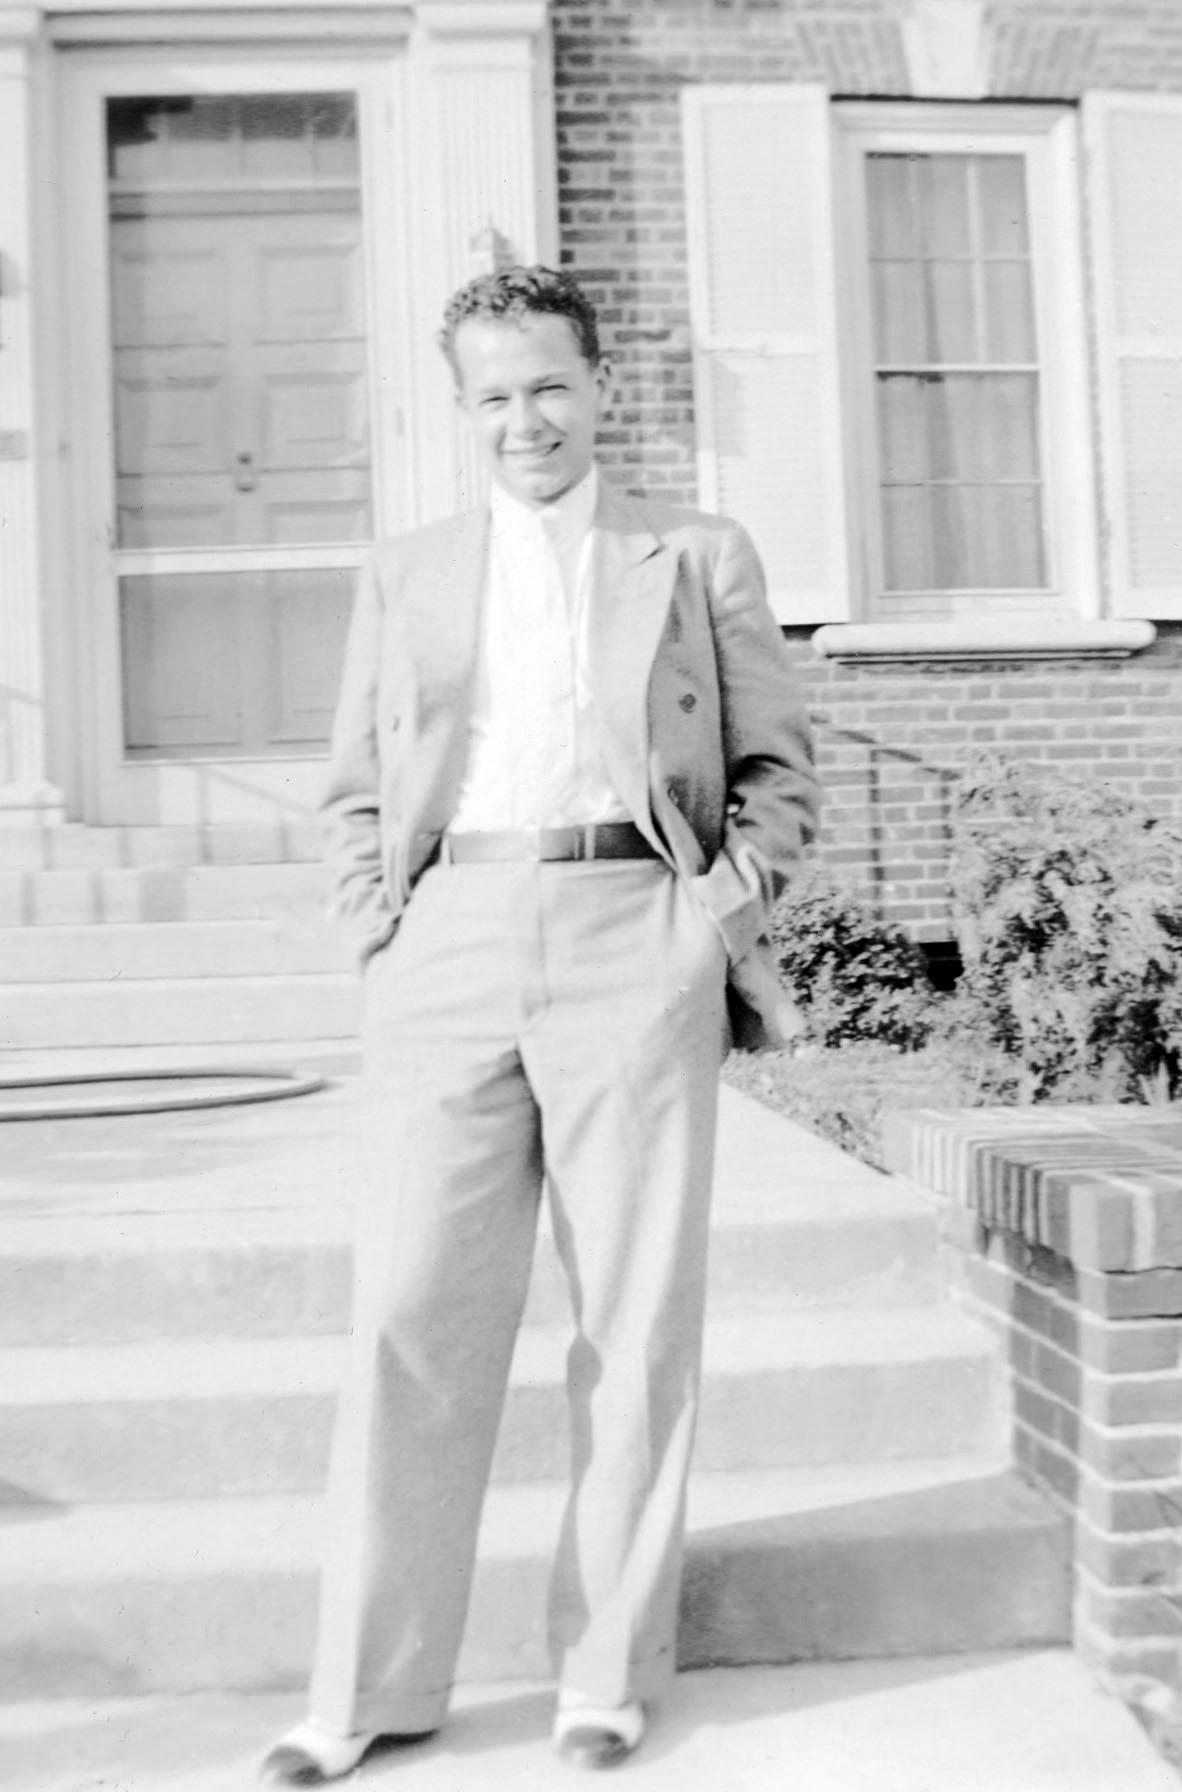 Robert Cox 1937